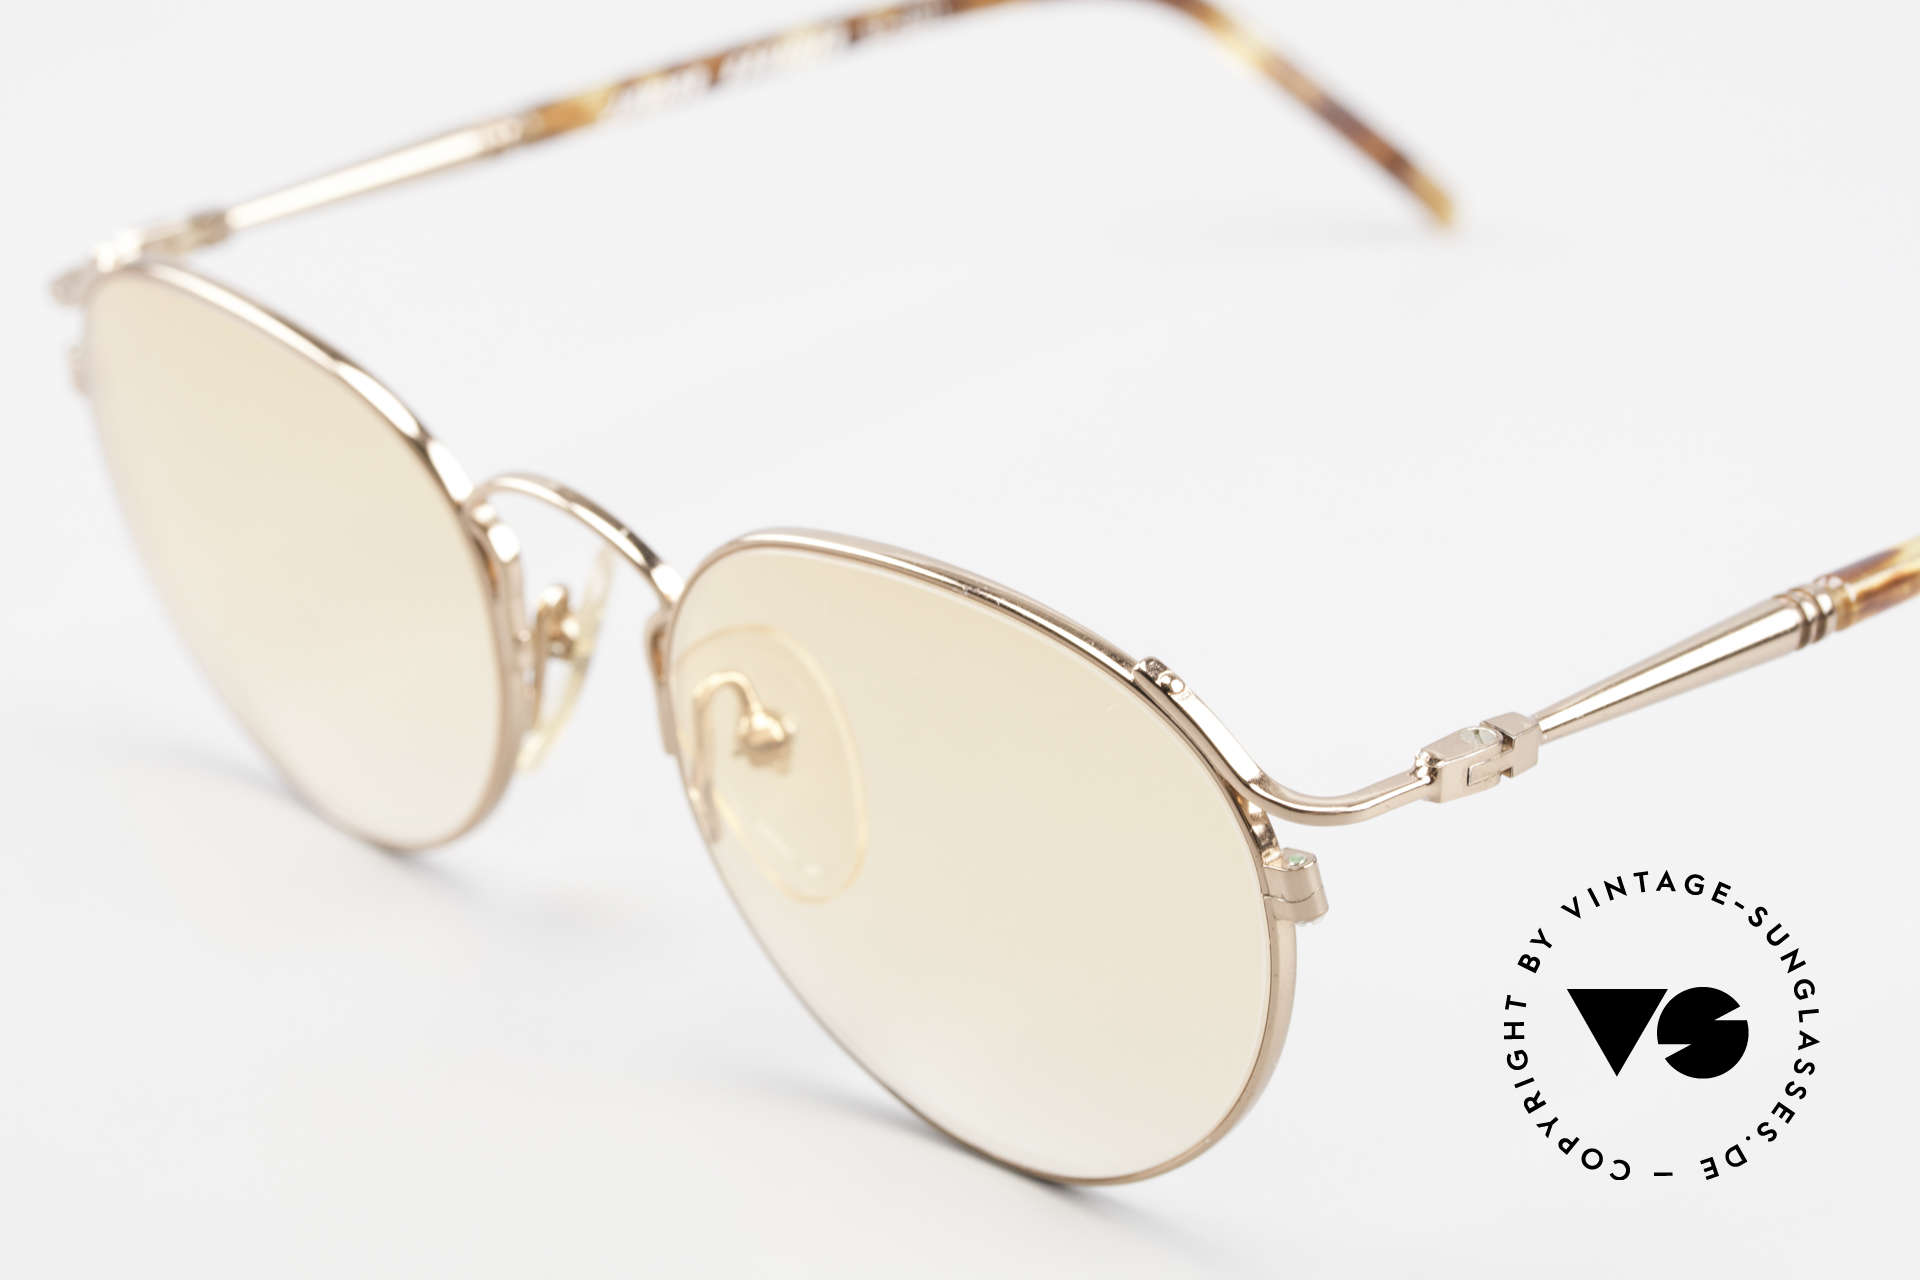 Jean Paul Gaultier 57-2271 Junior Gaultier Vintage Brille, ungetragen (wie all unsere vintage Gaultier Brillen), Passend für Herren und Damen